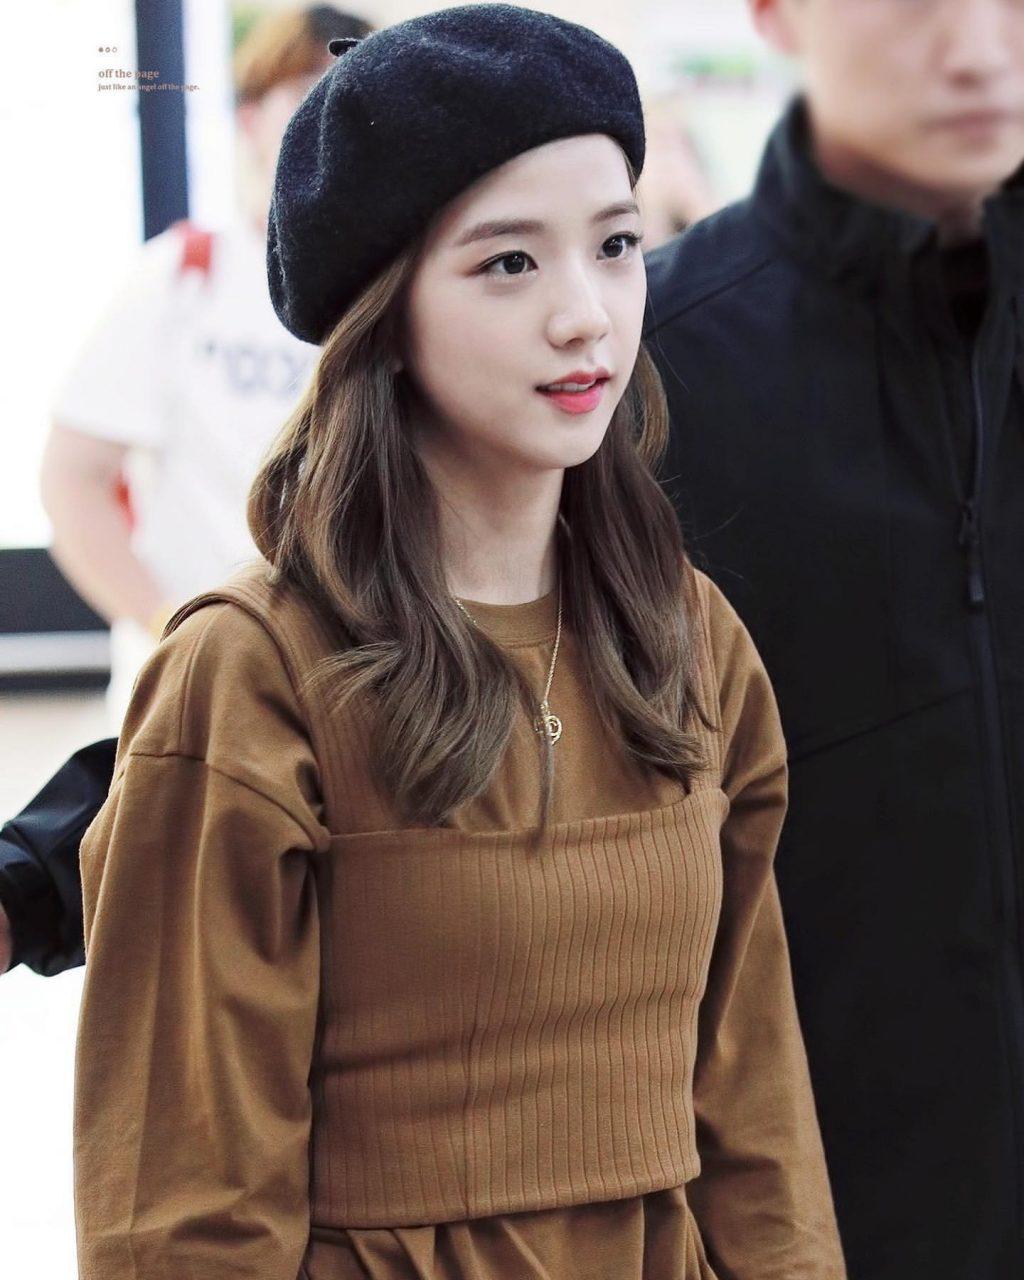 jisoo đội mũ beret màu đen và áo màu nâu